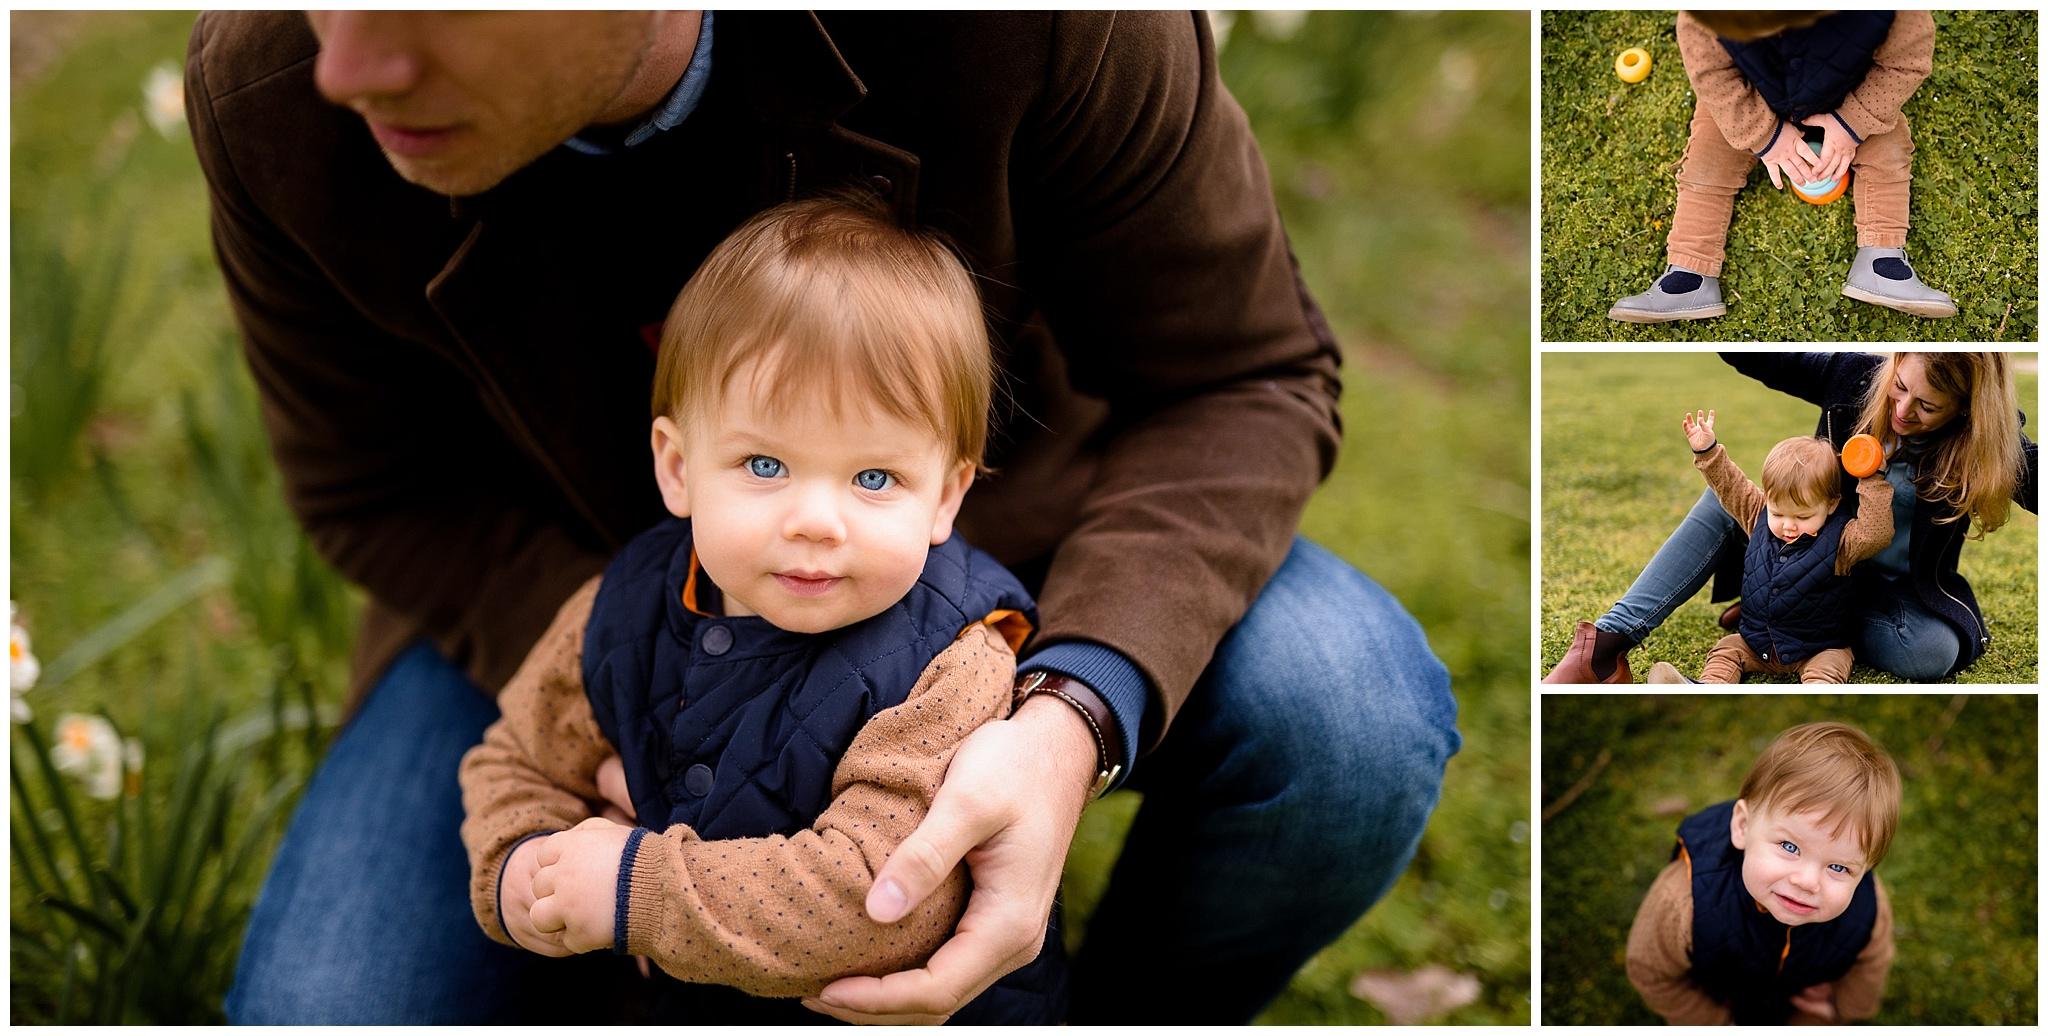 séance extérieure photo famille bébé Gennevilliers Ile-de-France Yvelines puteaux Hauts-de-Seine lifestyle 92 78 75